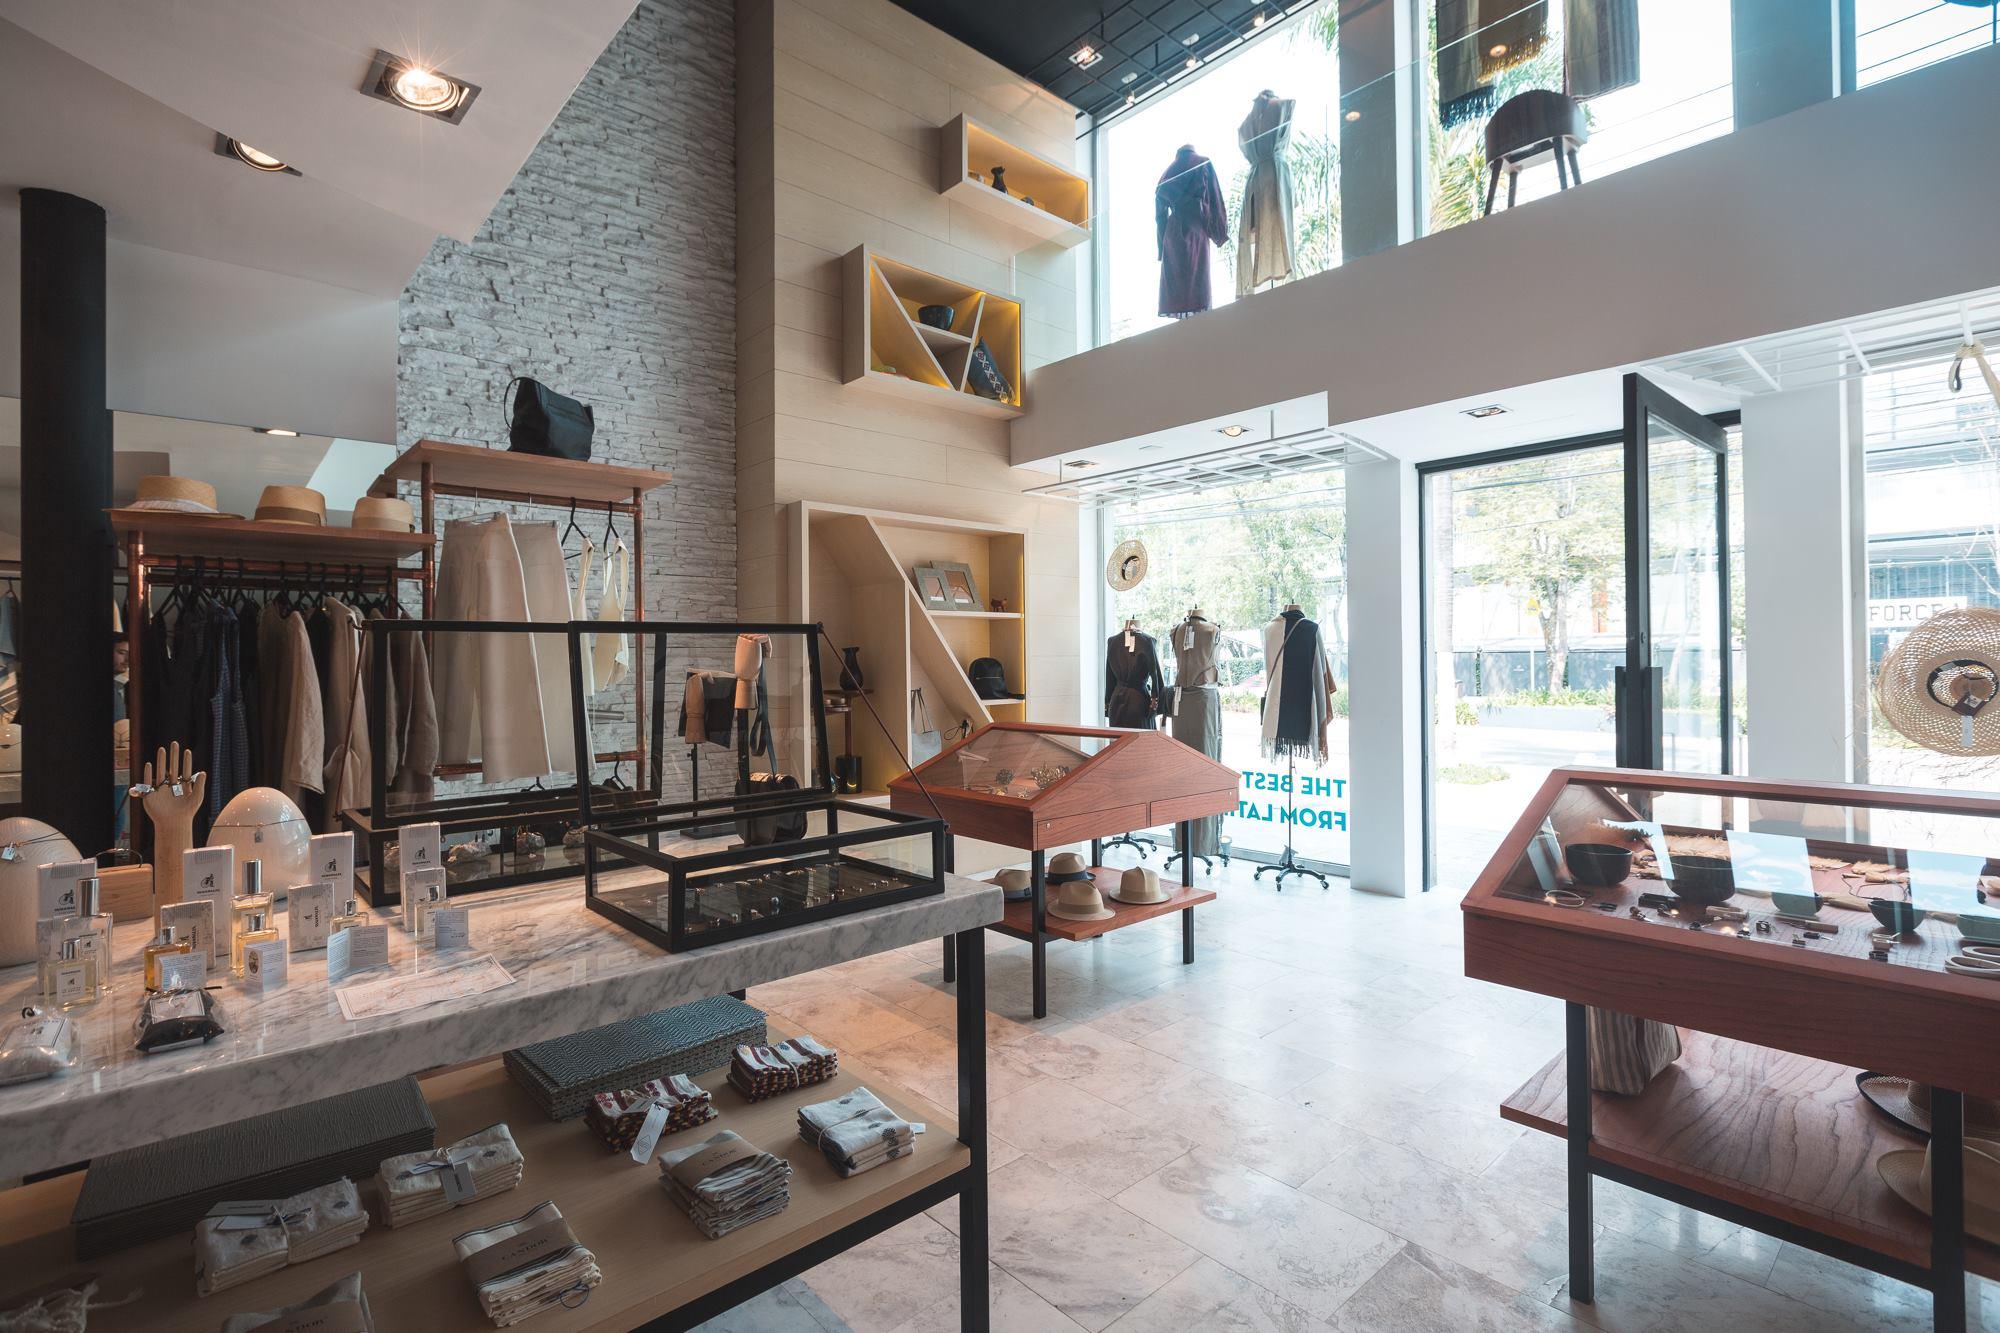 Revista c digo arte arquitectura dise o cine for Disenos de interiores para negocios